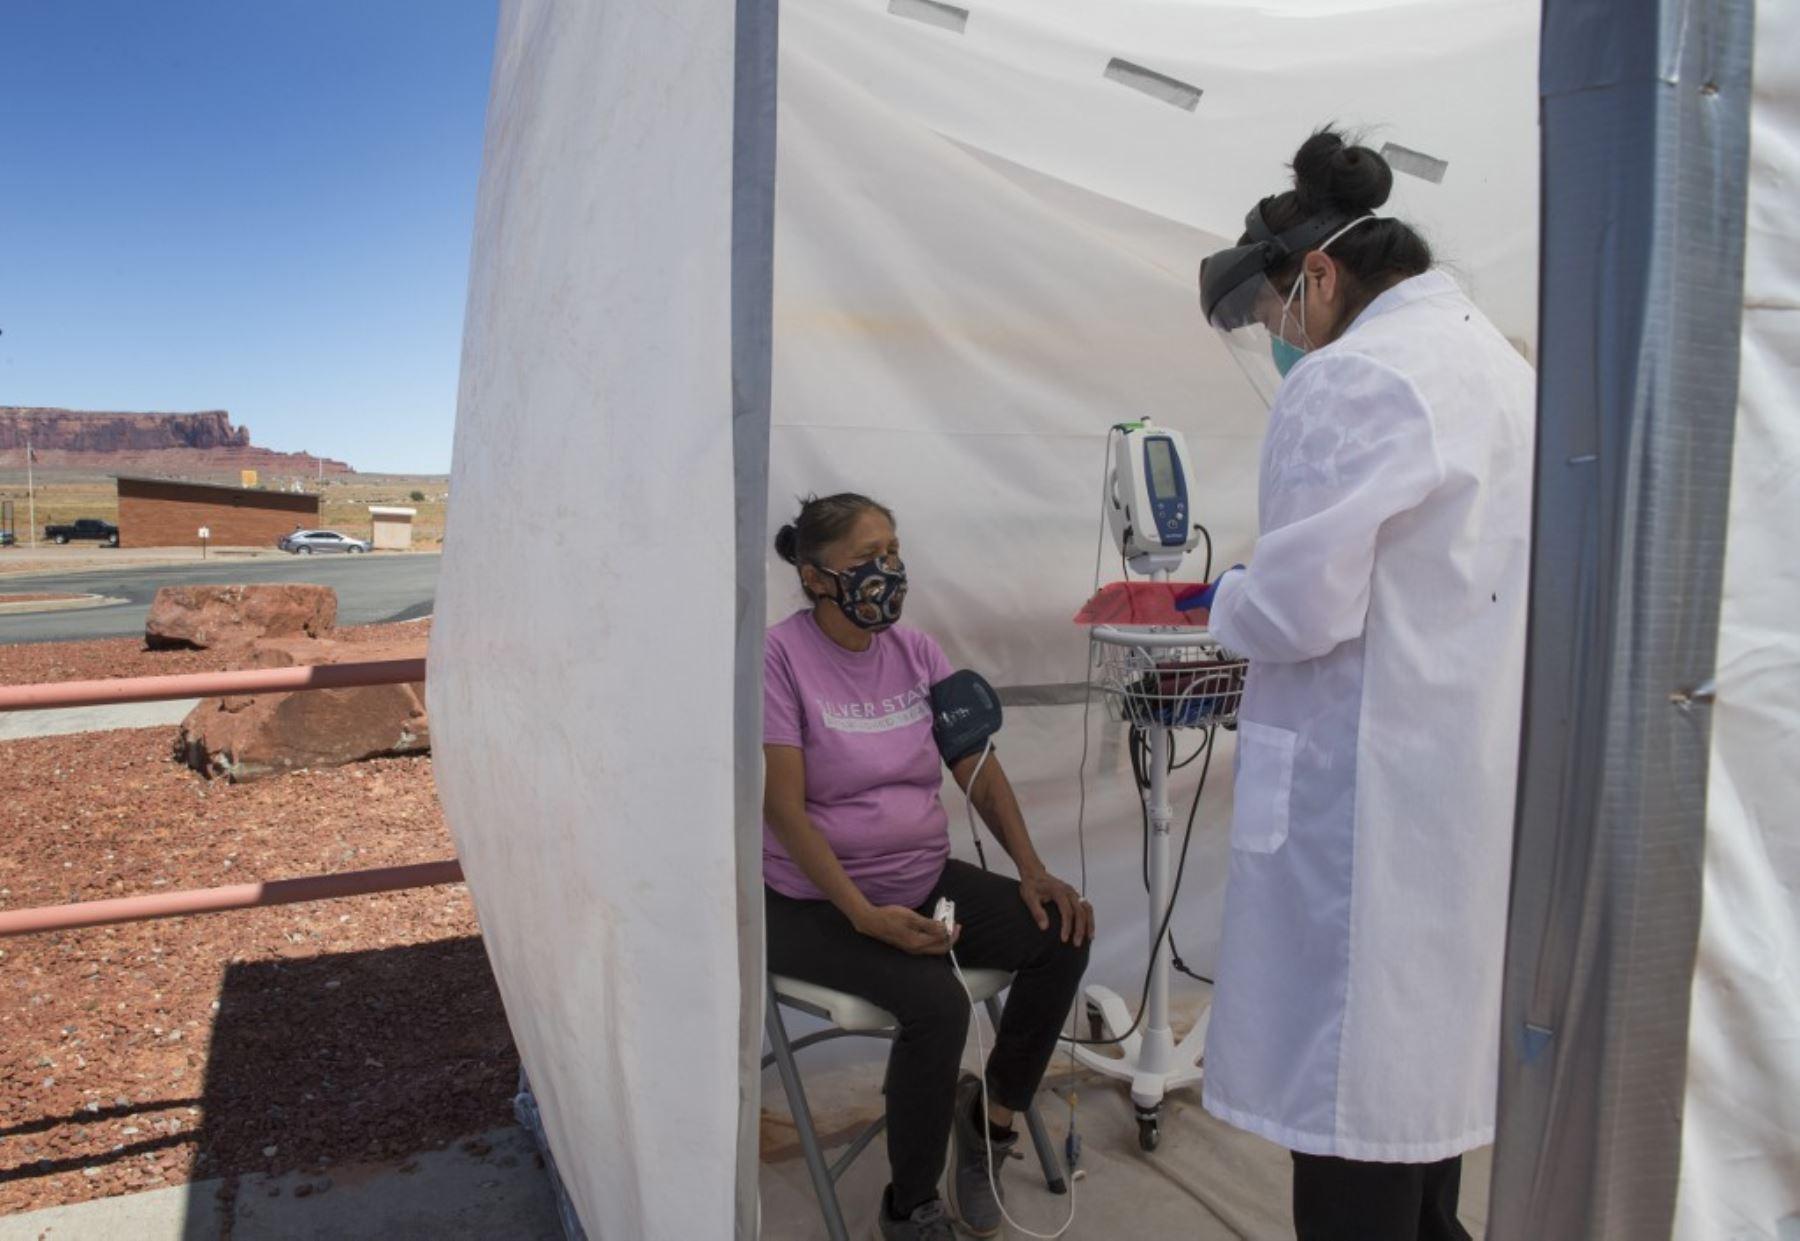 Una enfermera revisa los signos vitales de una mujer indígena navajo que se queja de síntomas de virus, en un centro de pruebas COVID-19 en la ciudad Nación Navajo de Monument Valley en Arizona. Foto: AFP